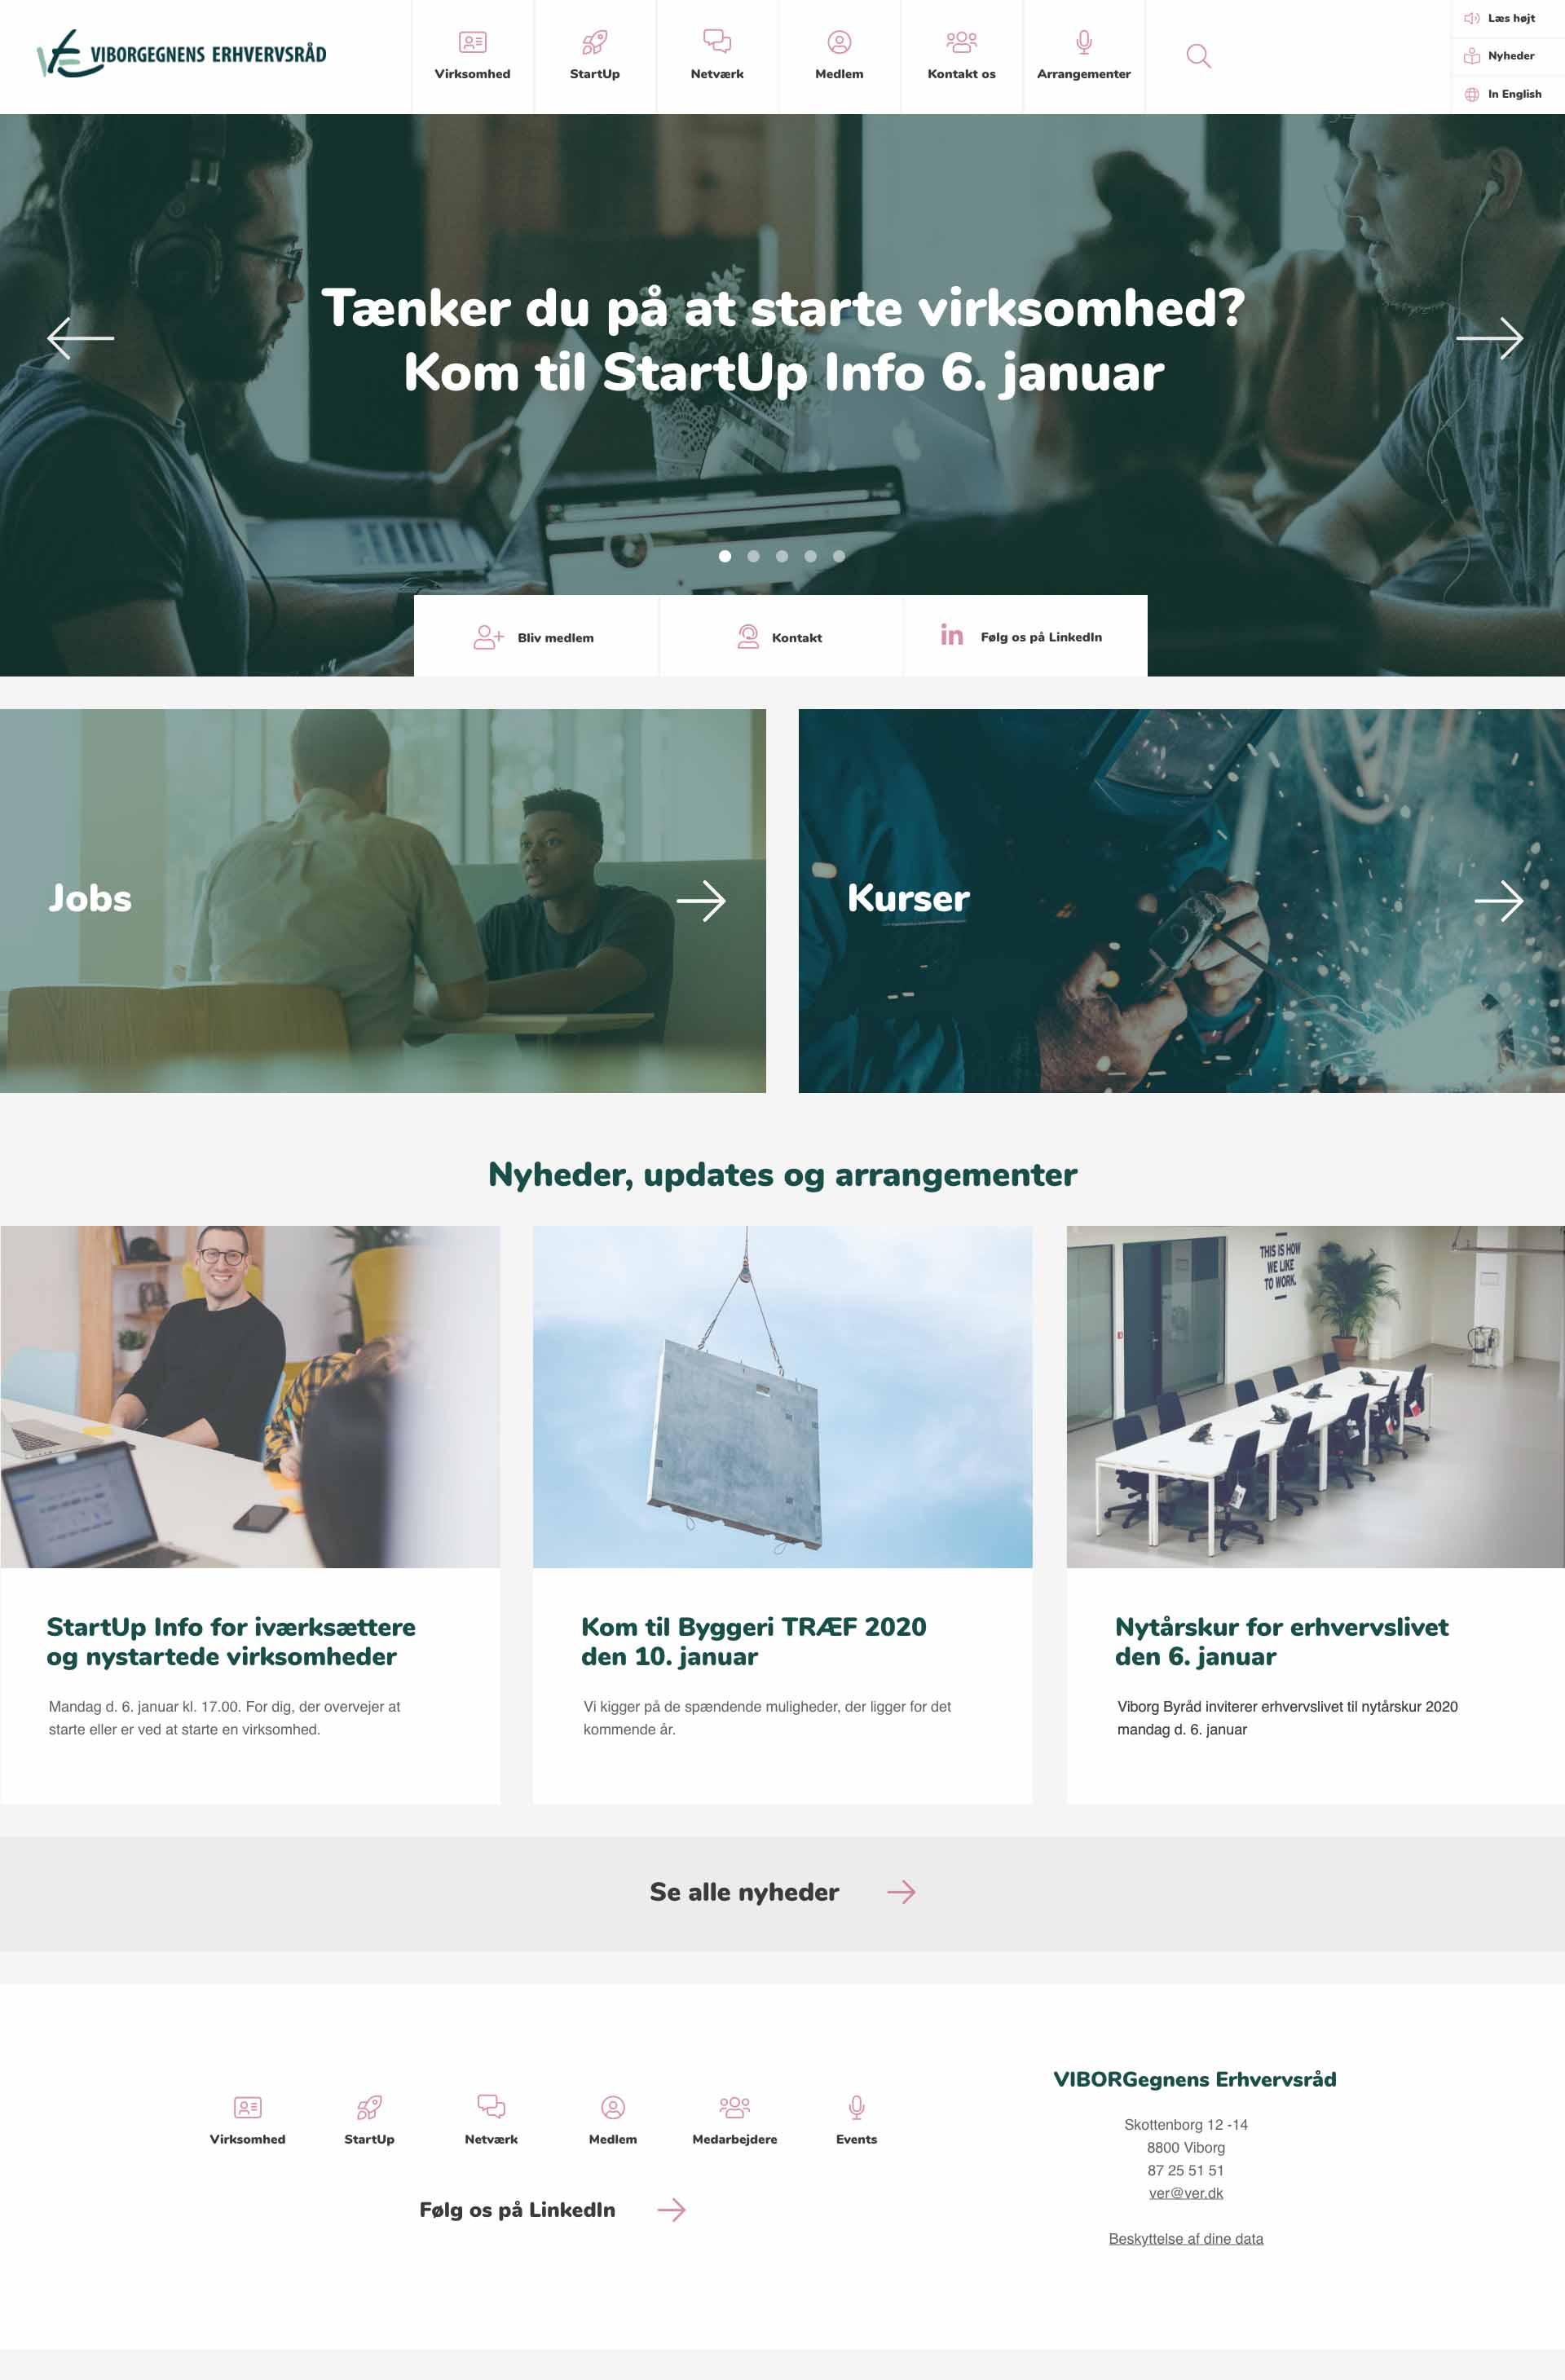 Billede der viser design på forsiden af Viborgegnens Erhvervsråds nye hjemmeside